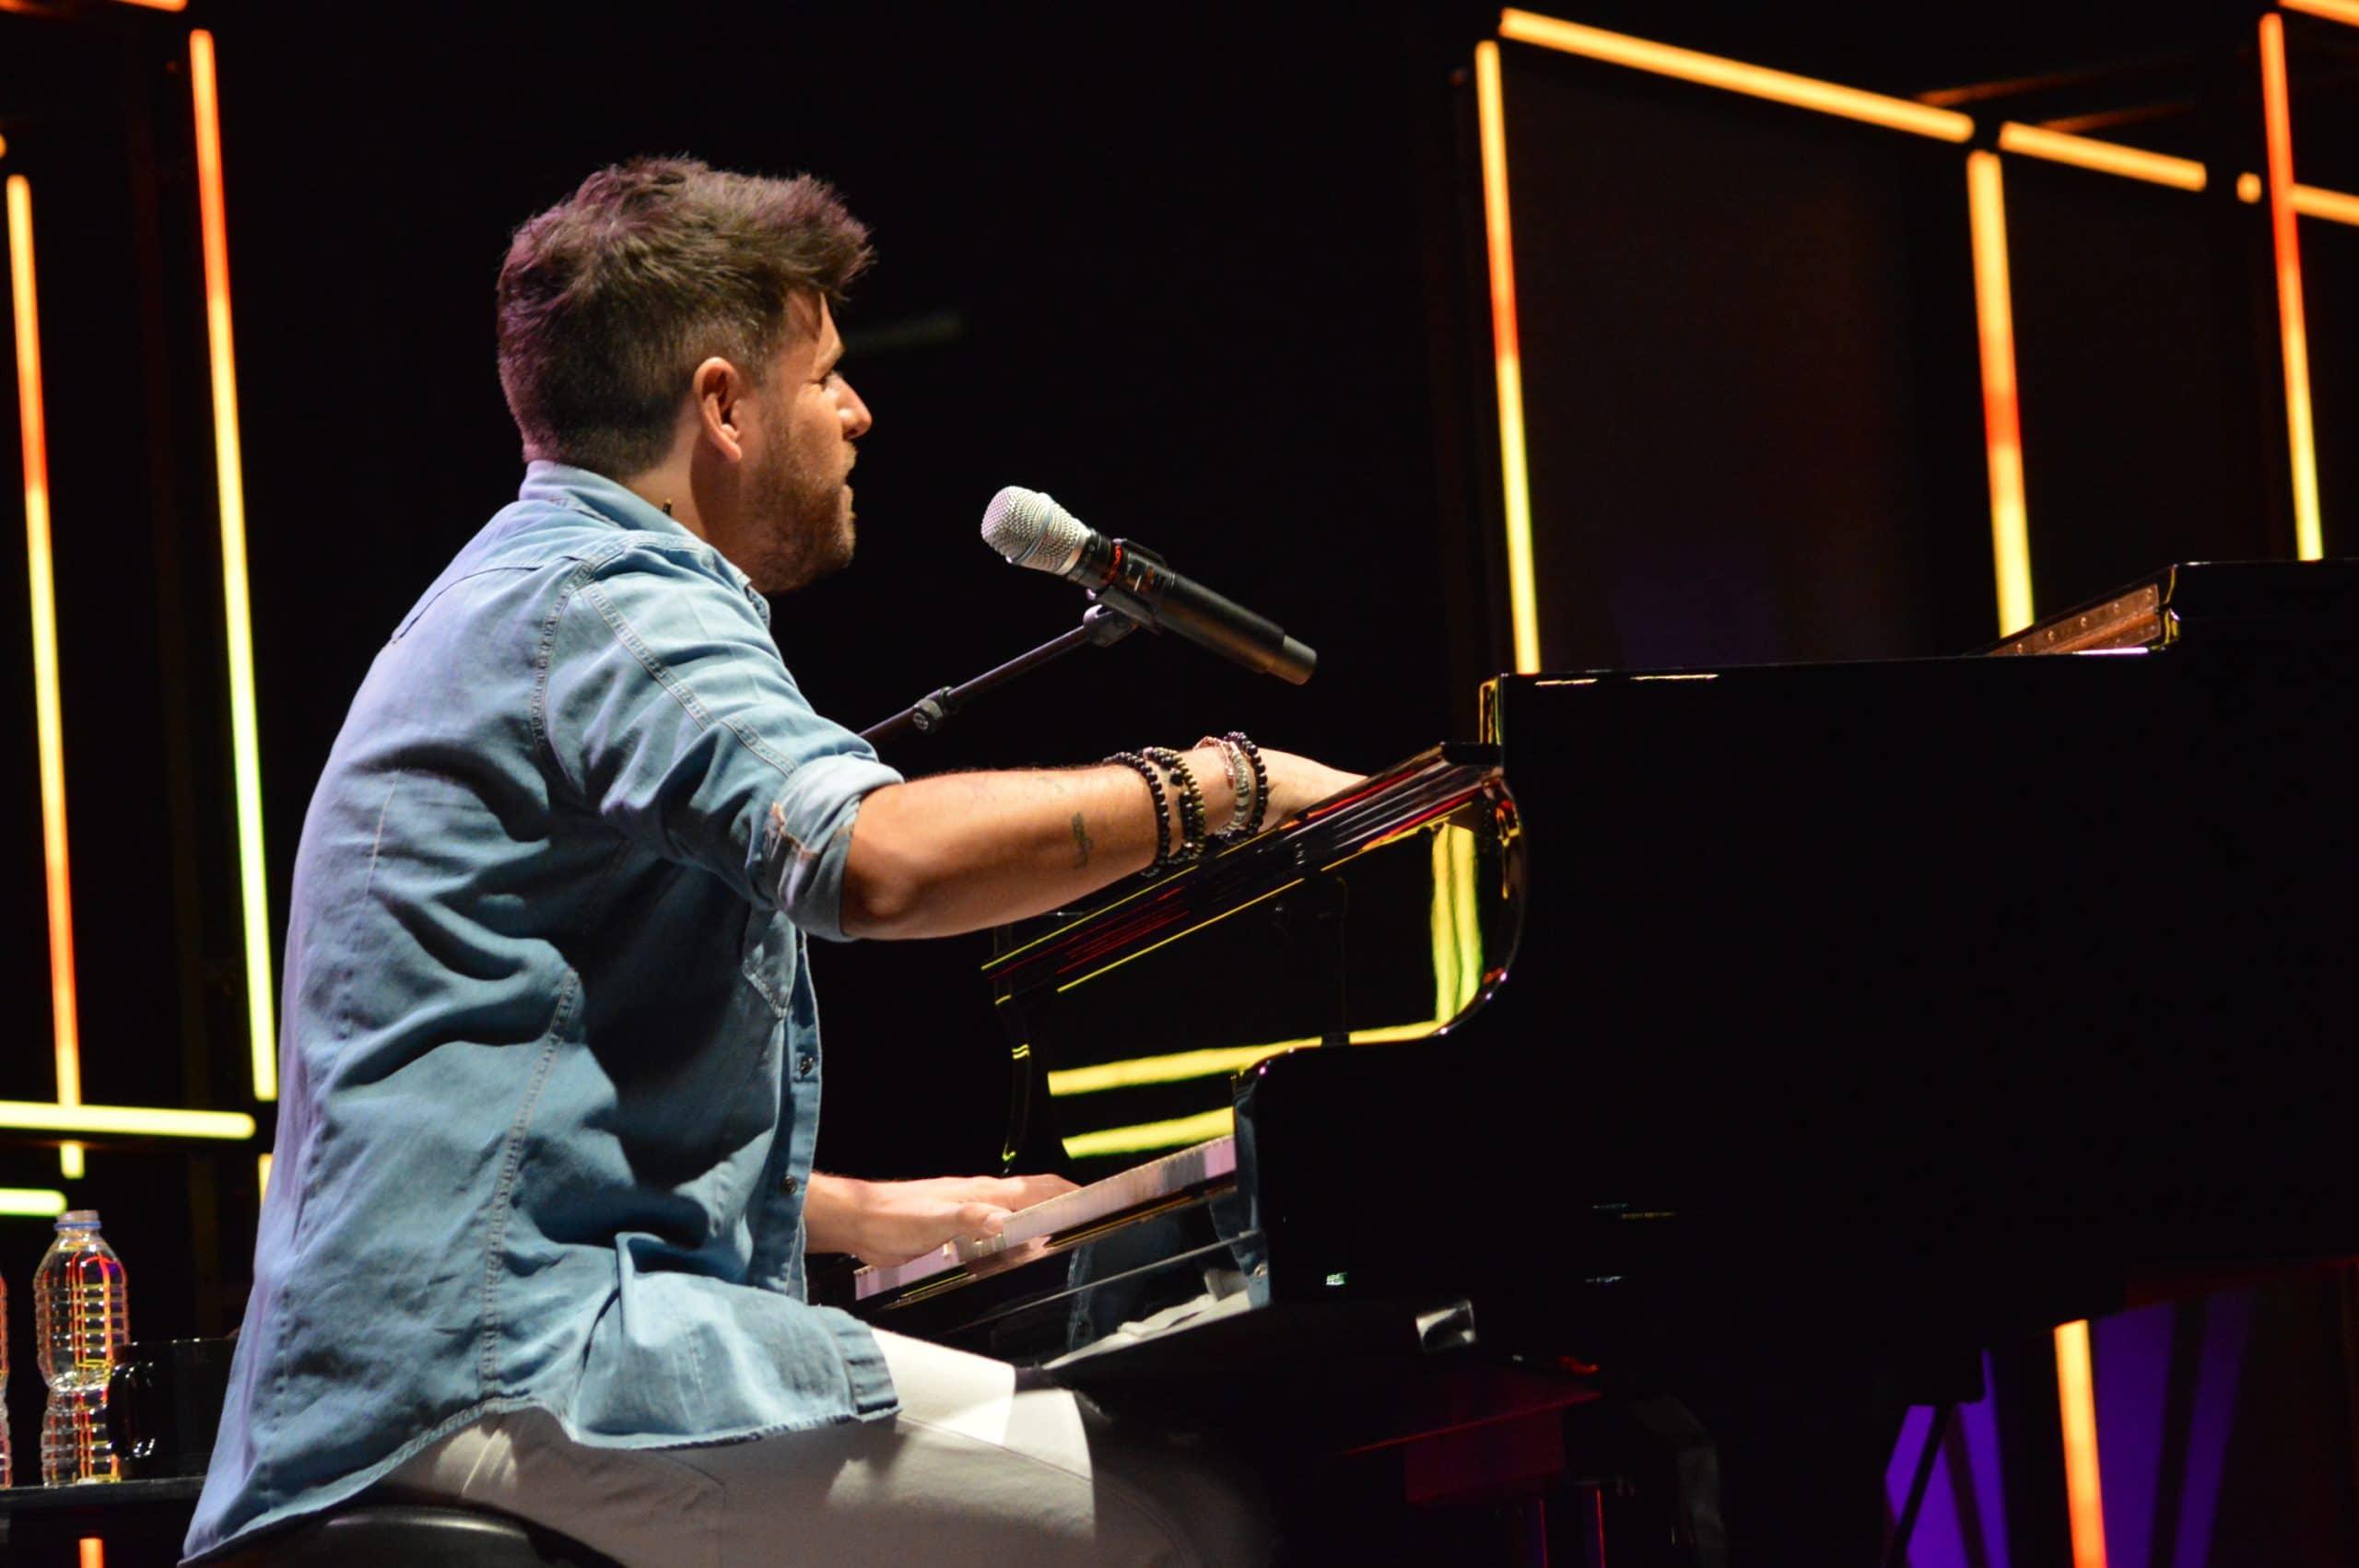 La gira 'López, piano y voz' de Pablo López pone el broche final a las fiestas de la Encina que nunca hubiéramos querido vivir 21